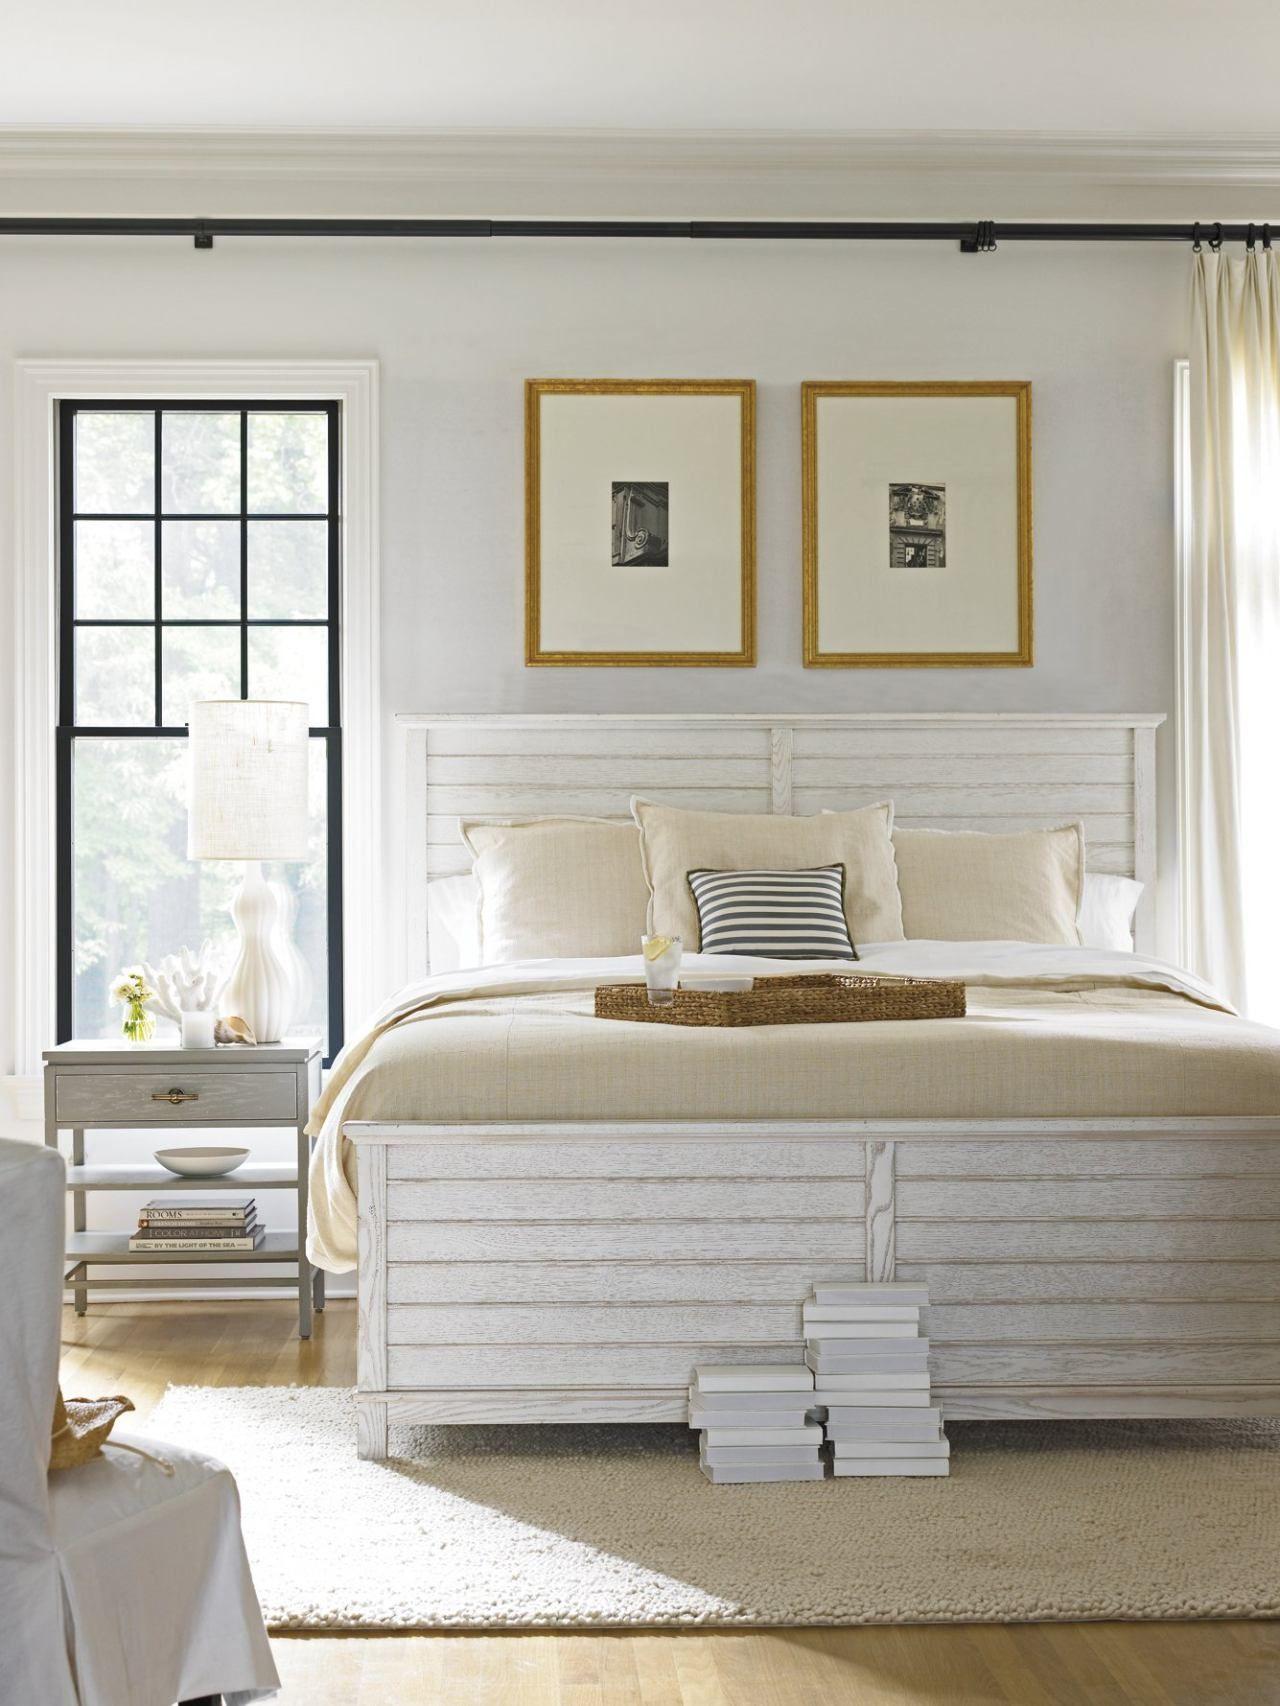 Stanley Furniture Coastal Living Resort King Cape ber Panel Bed